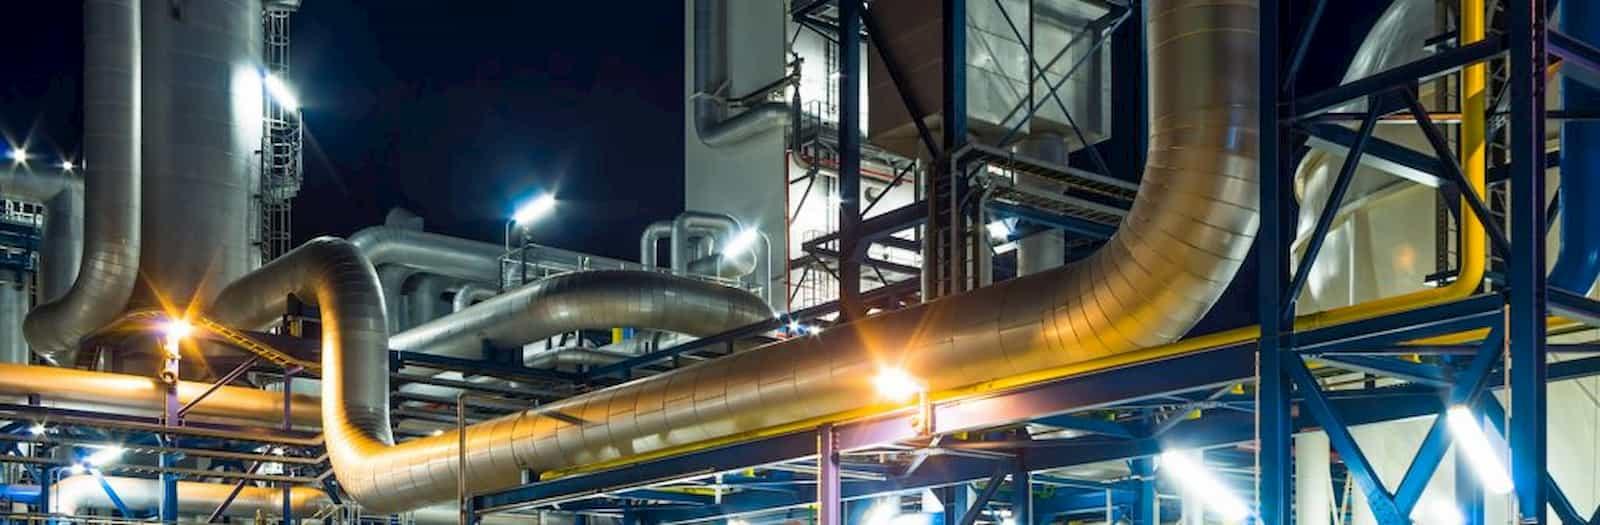 pompe sistemi di filtraggio all'interno di un'industria di notte